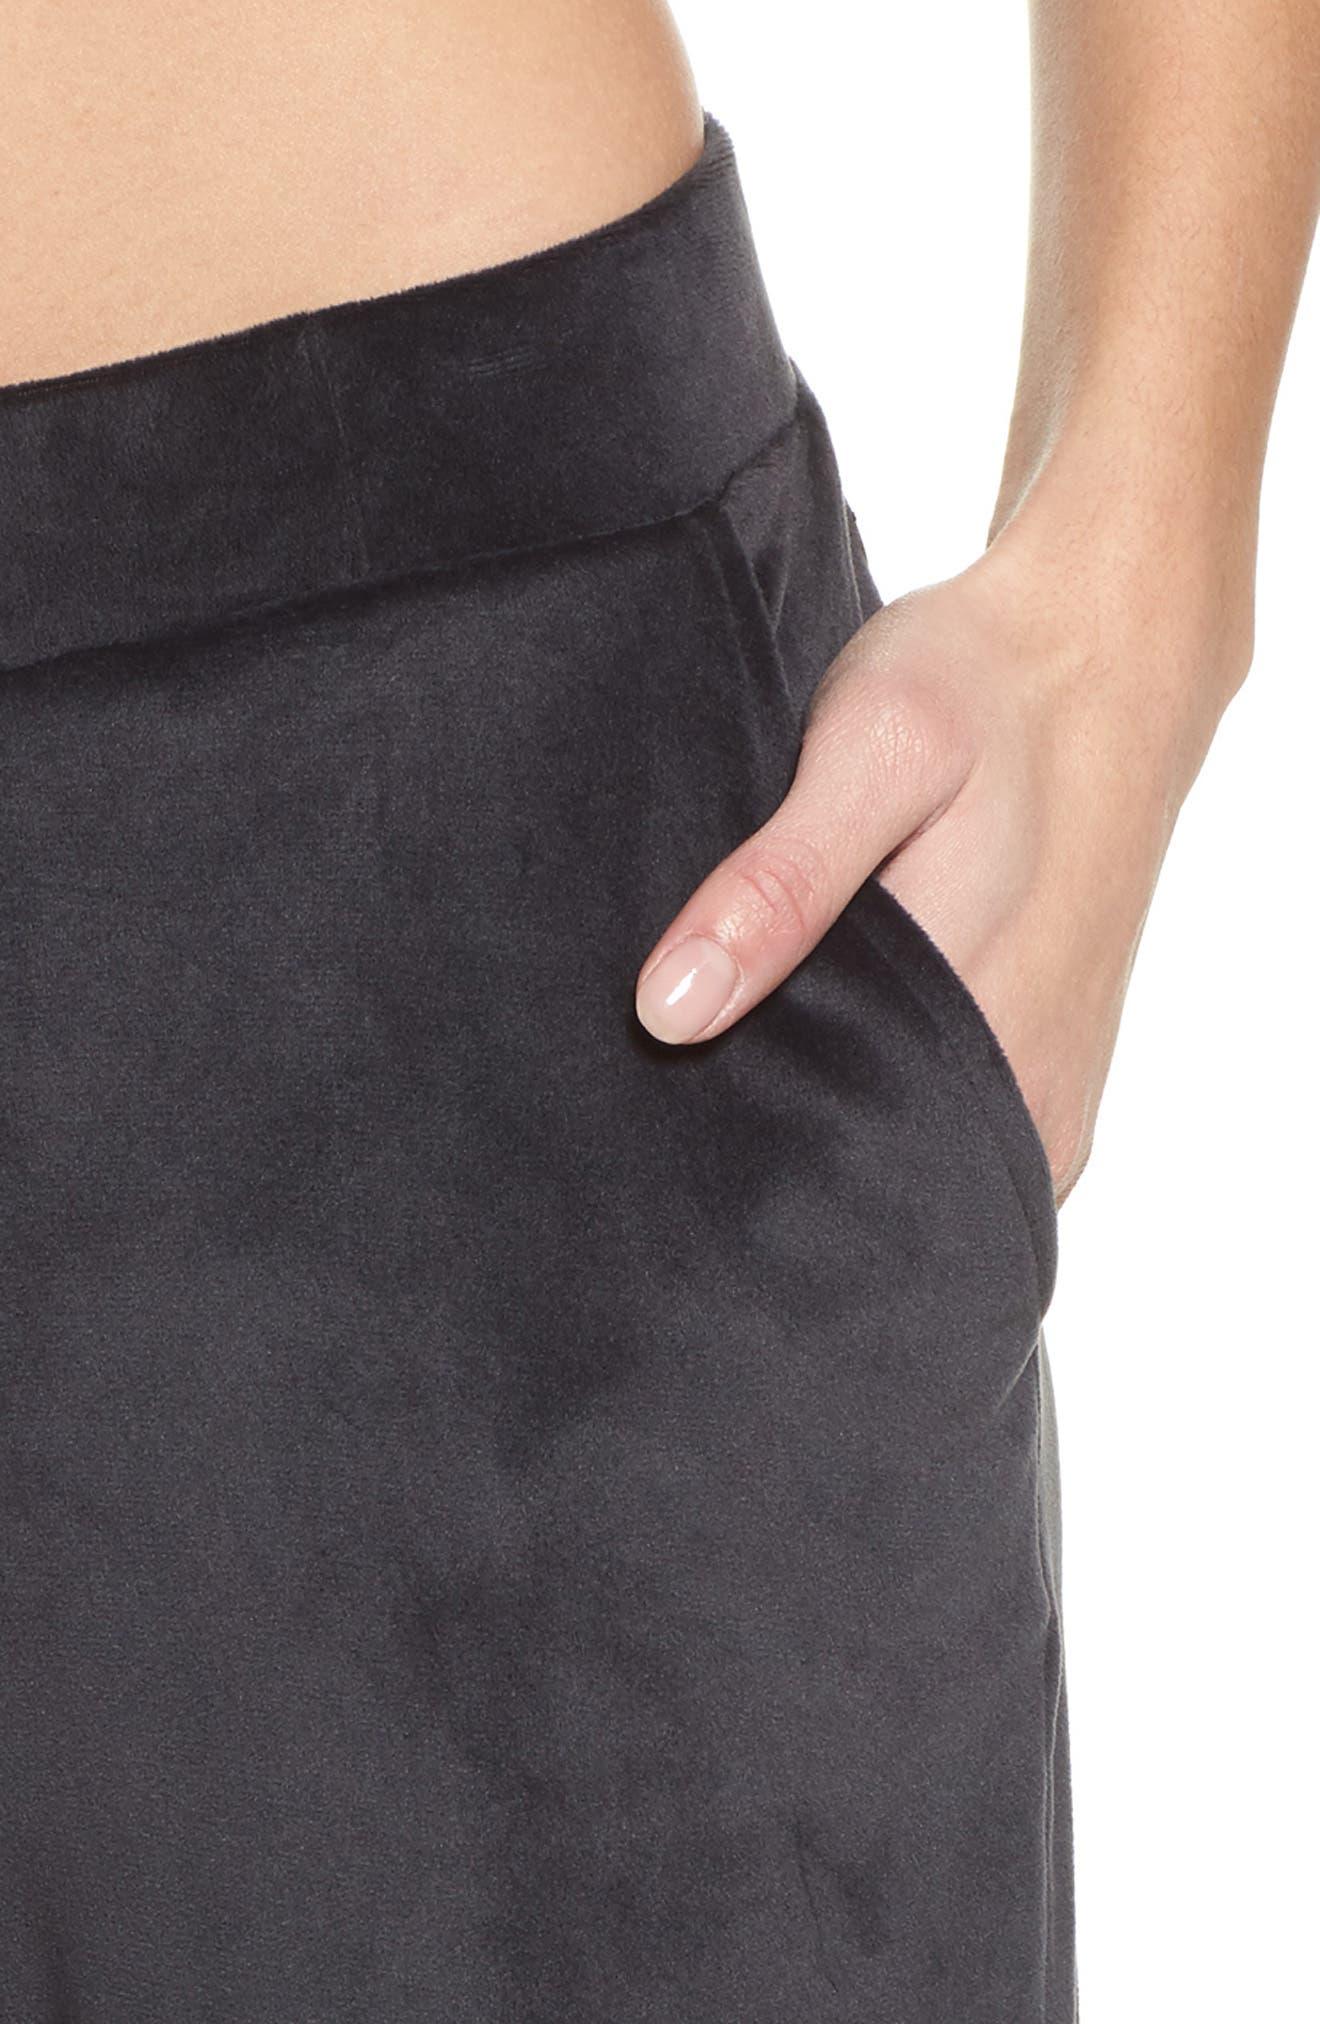 Cha Cha Spa Pants,                             Alternate thumbnail 4, color,                             001